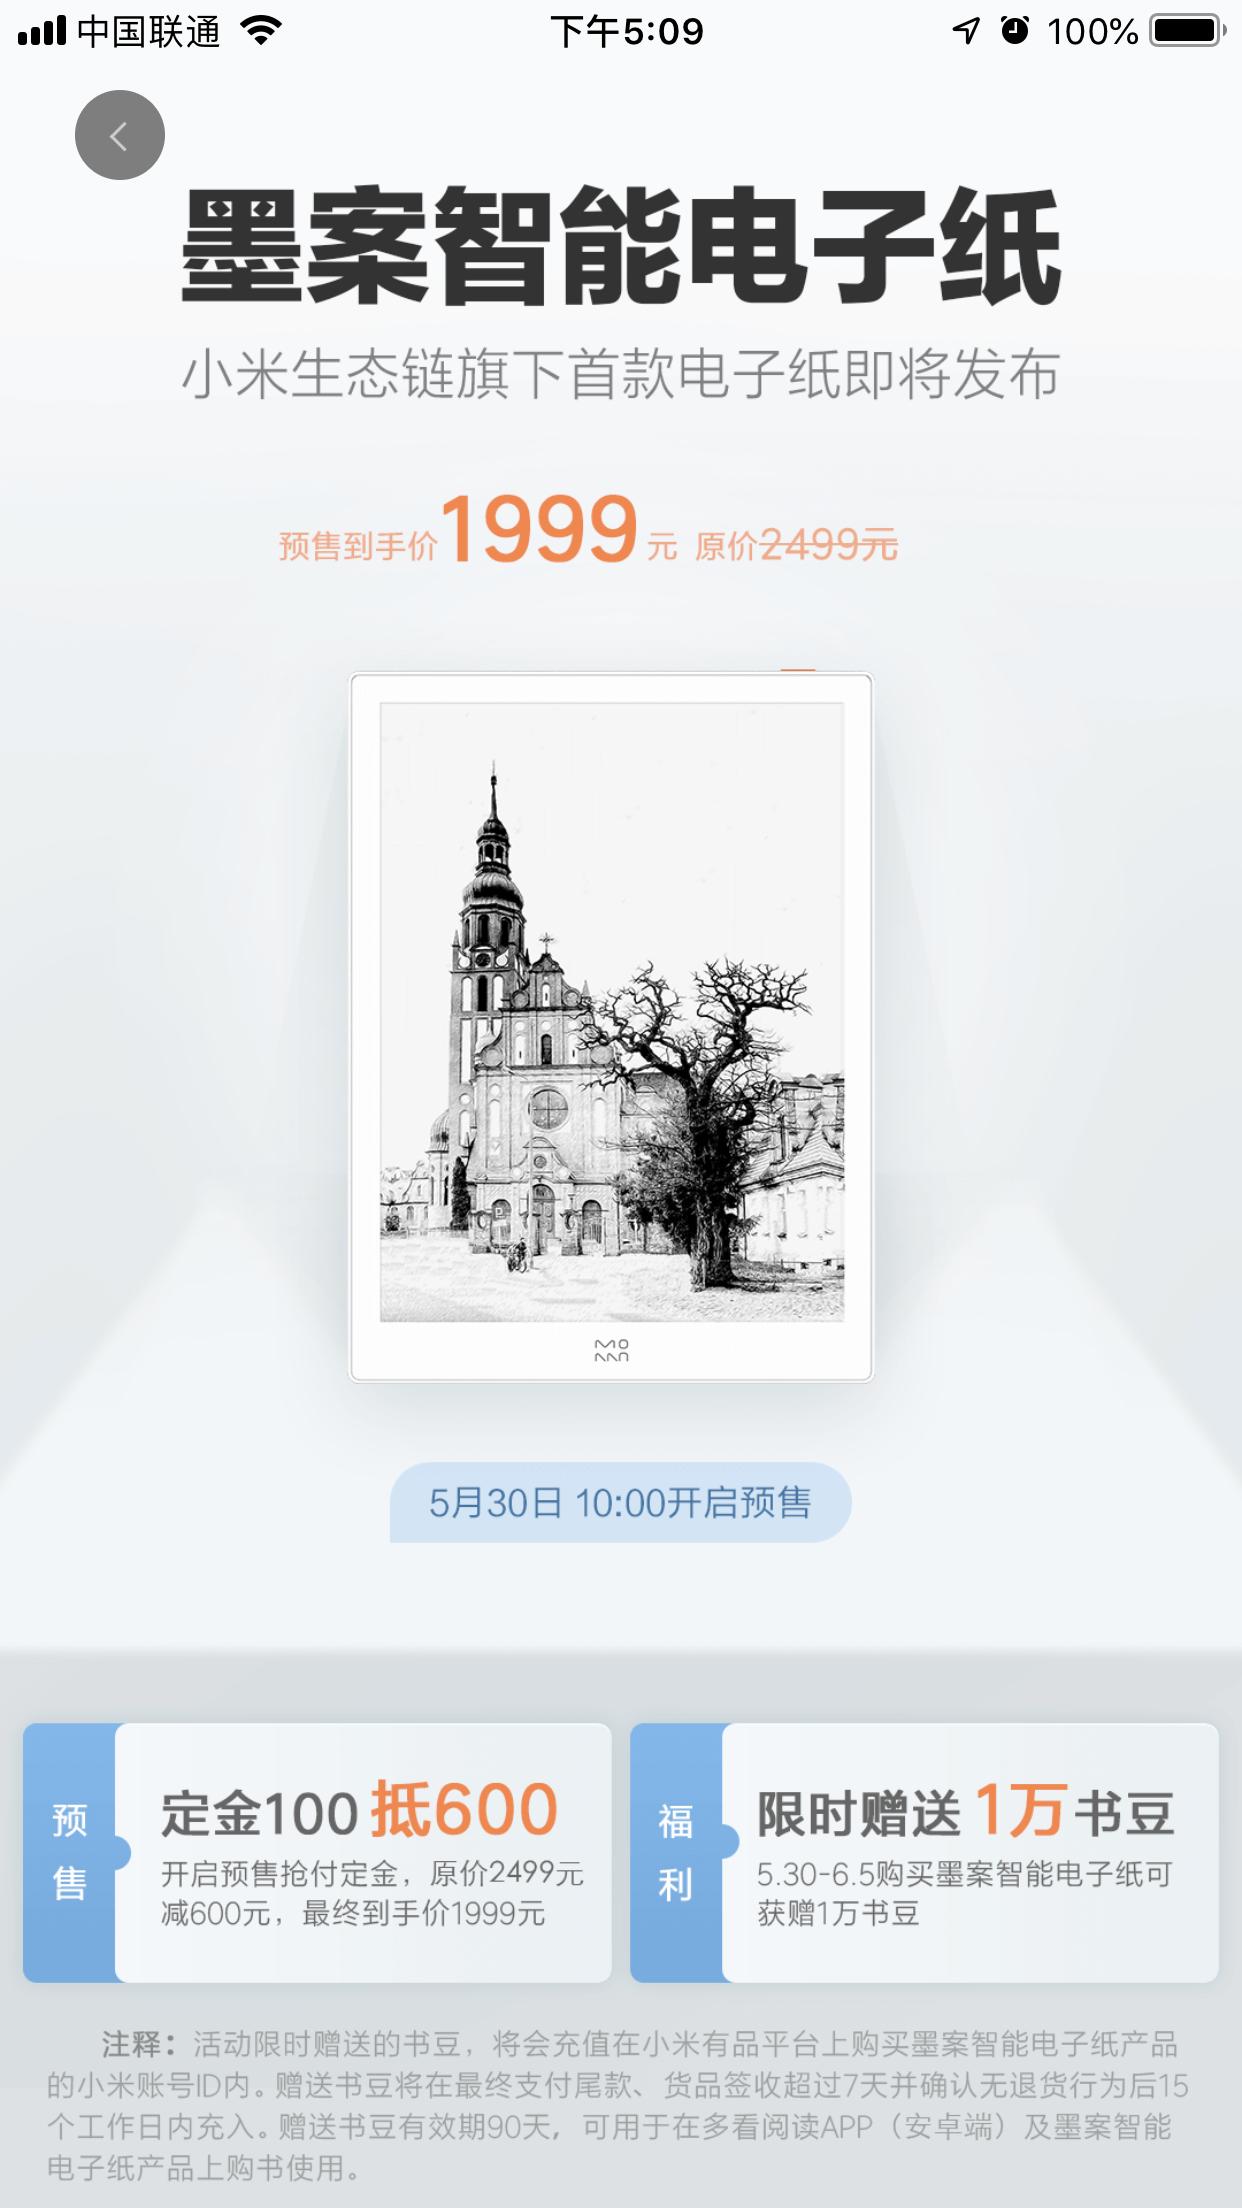 1999元!小米电子纸即将开卖:功能比Kindle更强大?